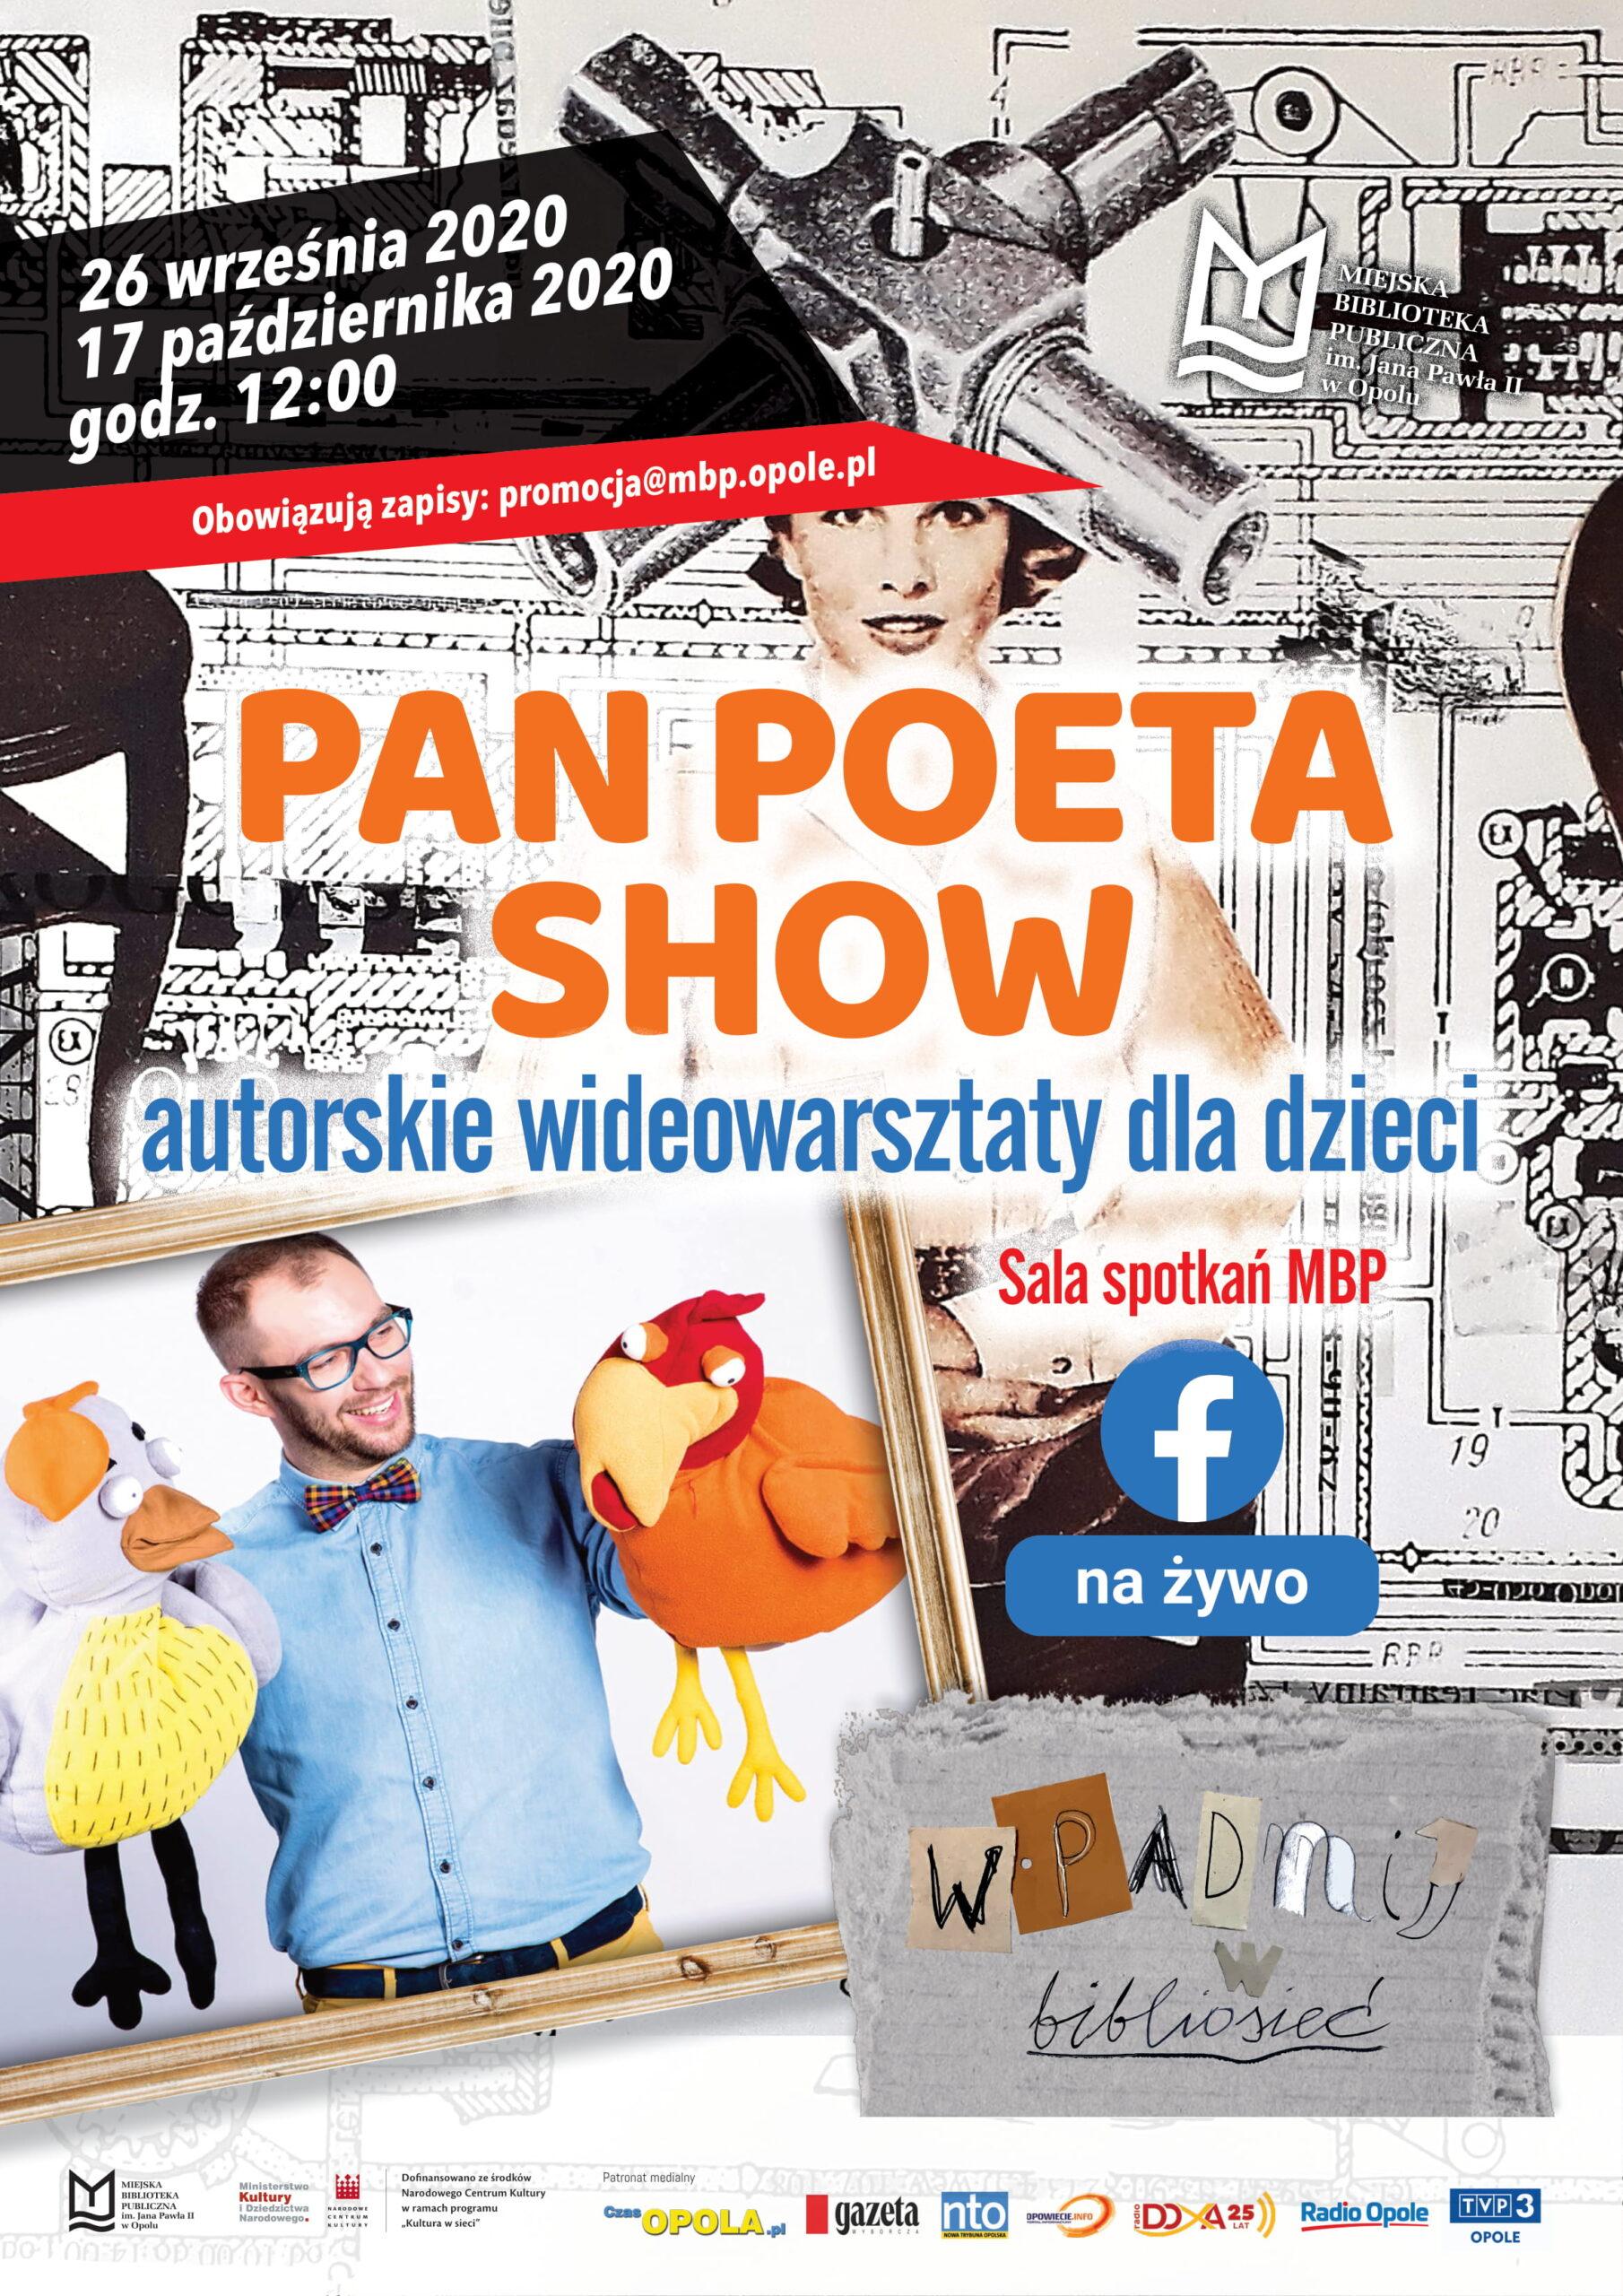 Pan Poeta Show – autorskie wideowarsztaty dla dzieci